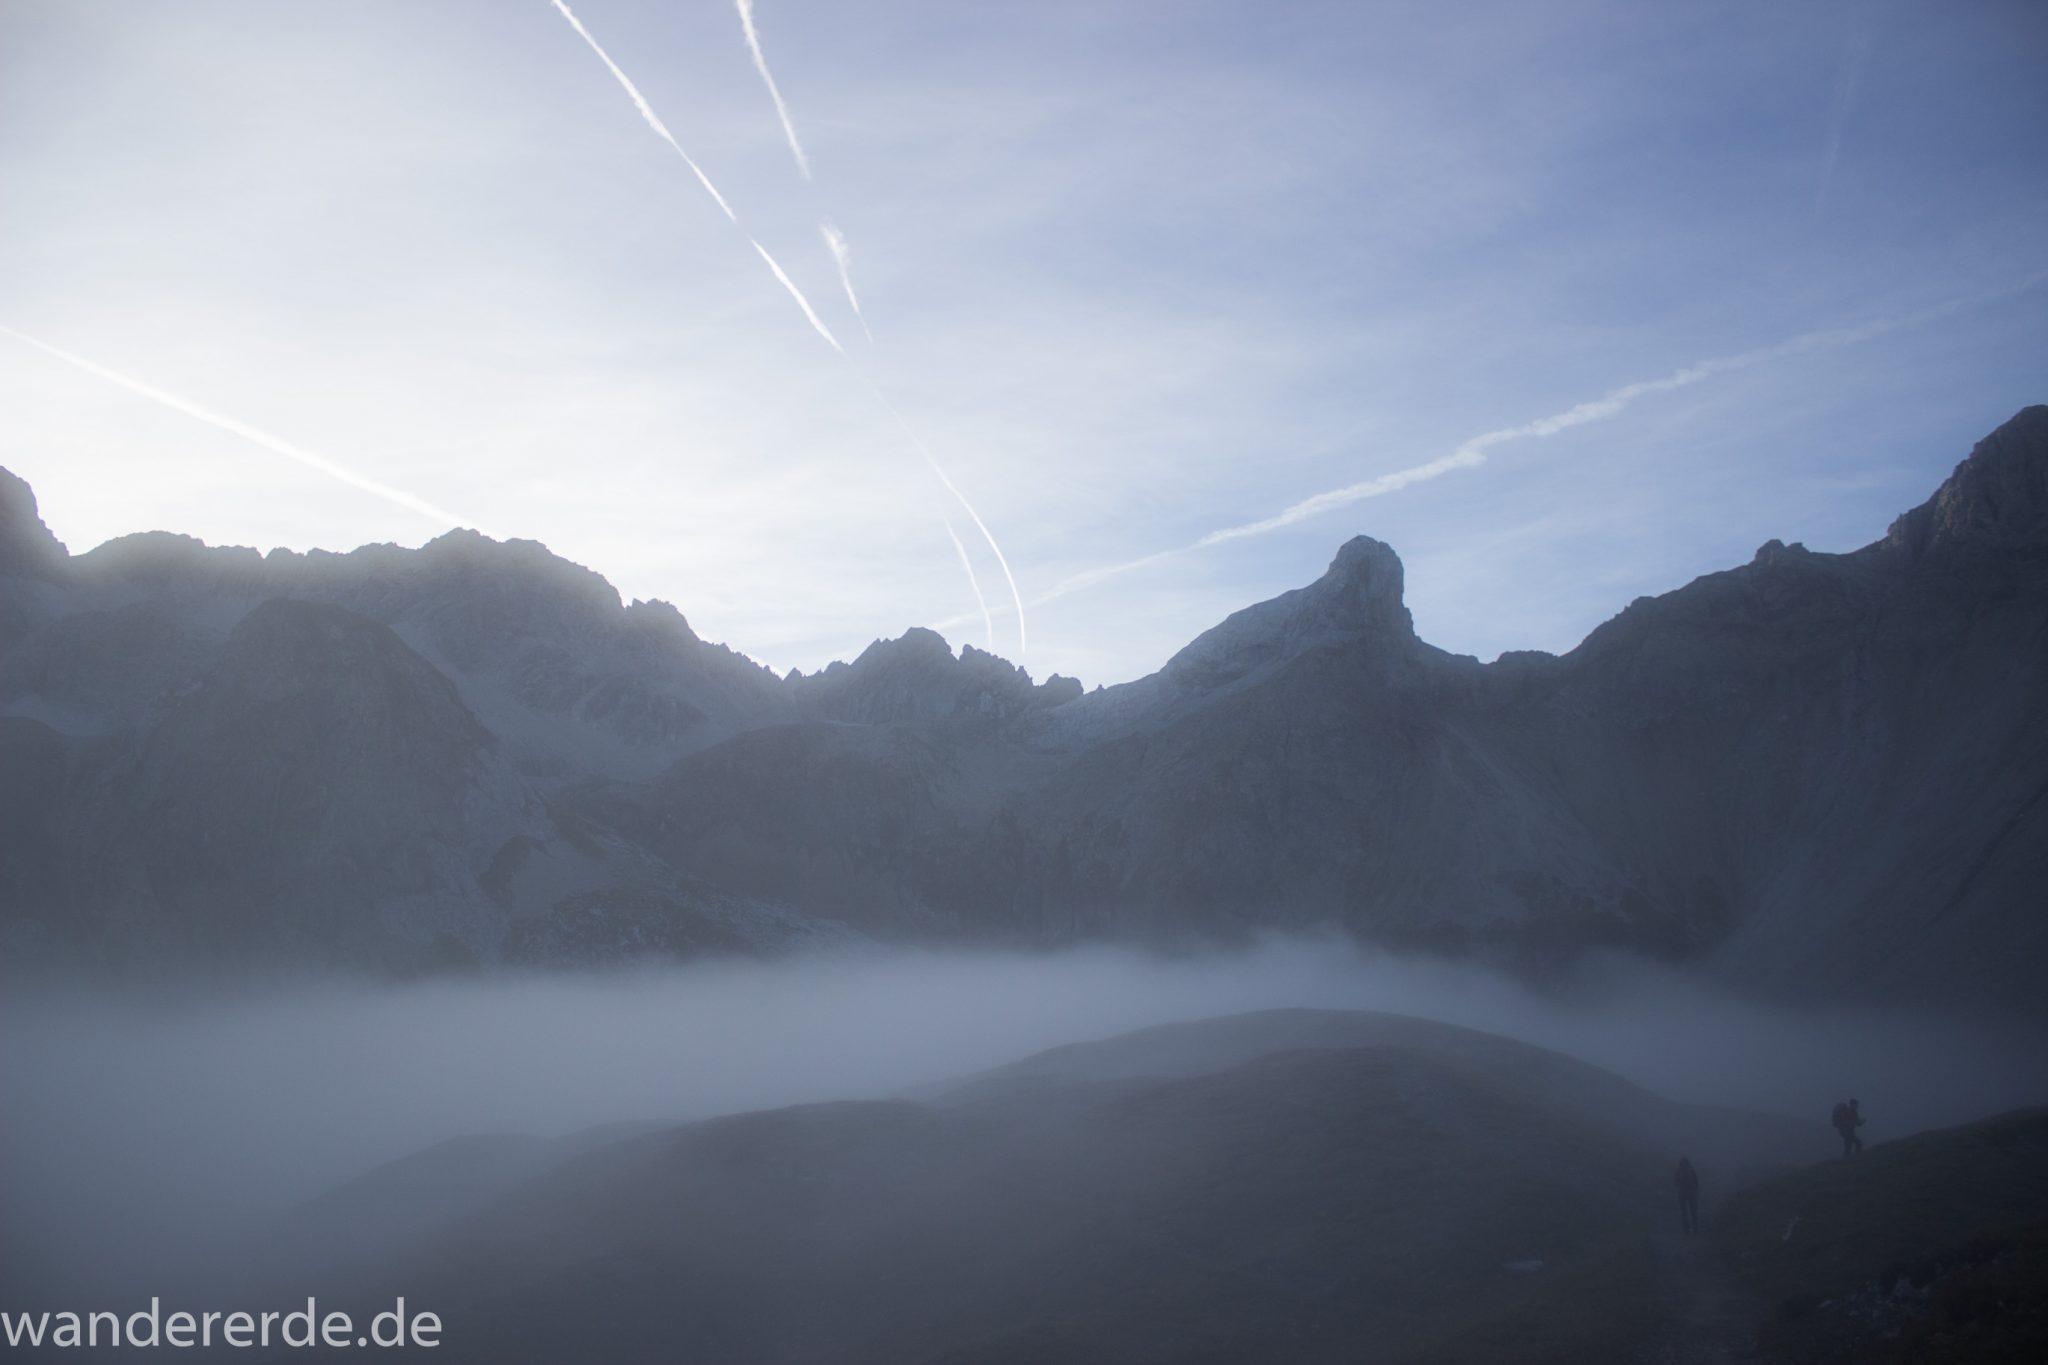 Alpenüberquerung Fernwanderweg E5 Oberstdorf Meran, 3. Etappe von Memminger Hütte zur Skihütte Zams, Berge sind am frühen Morgen noch in Nebel getaucht, aber die Sonne scheint, herrliches Wetter zum Wandern, E5 Wanderweg führt zu Beginn der dritten Etappe ab der Memminger Hütte über steilen und ausgesetzten Wanderweg über die Seescharte, Blick auf Wanderer im Nebel